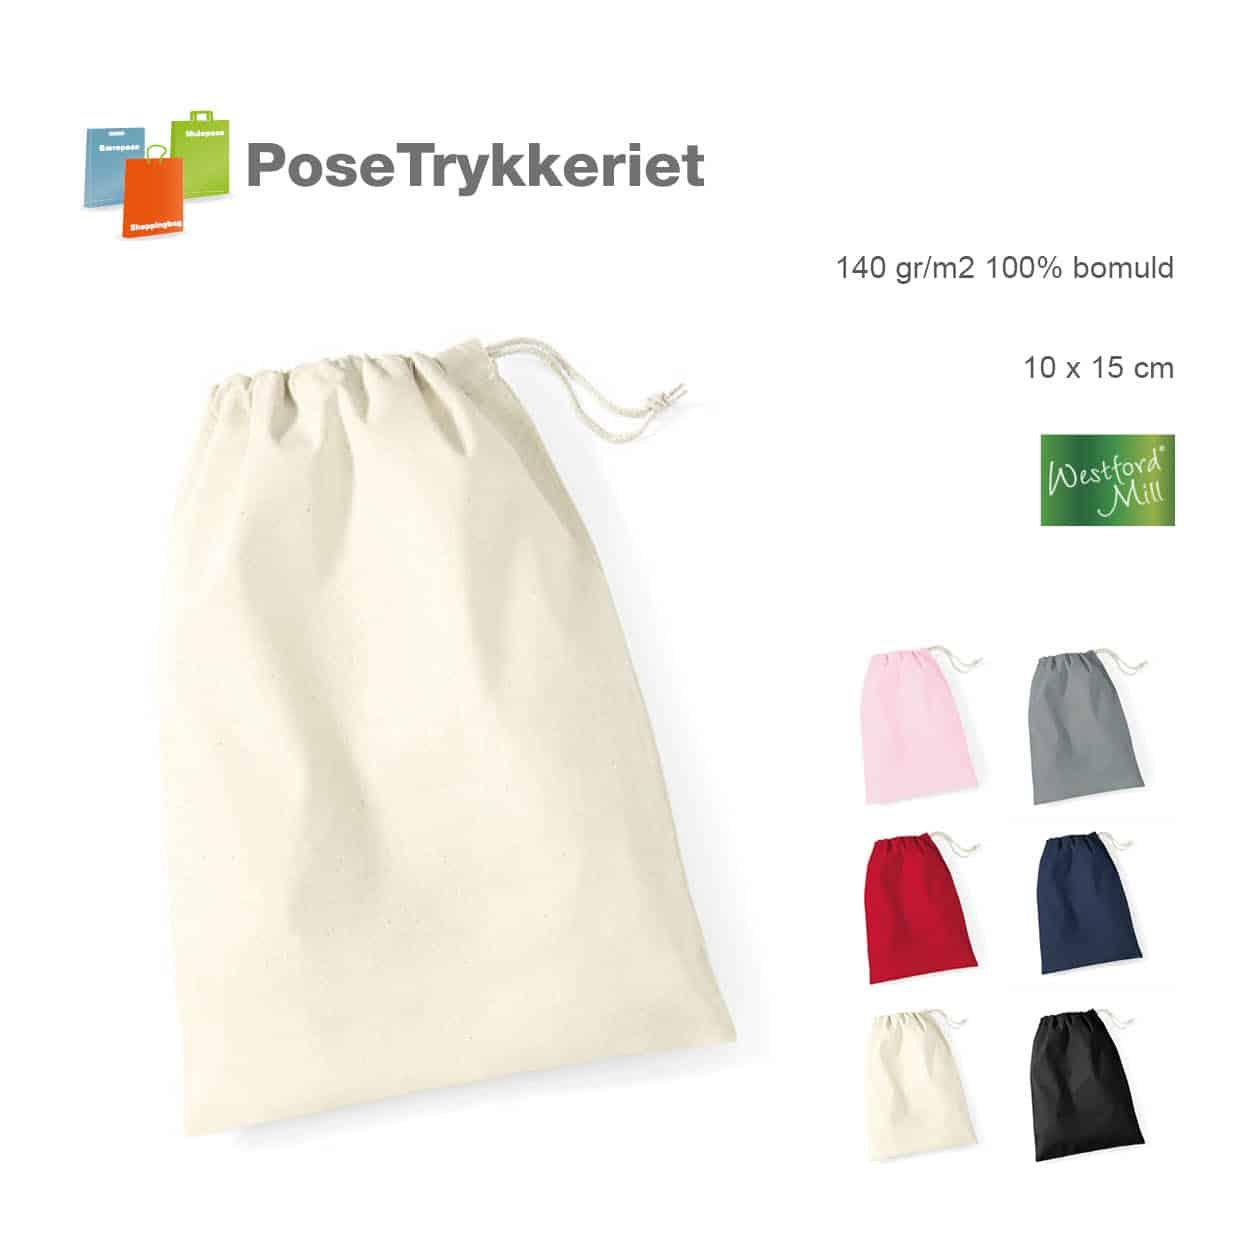 Små bomuldsposer med snørreluk, bomuld.Posetrykkeriet.dk